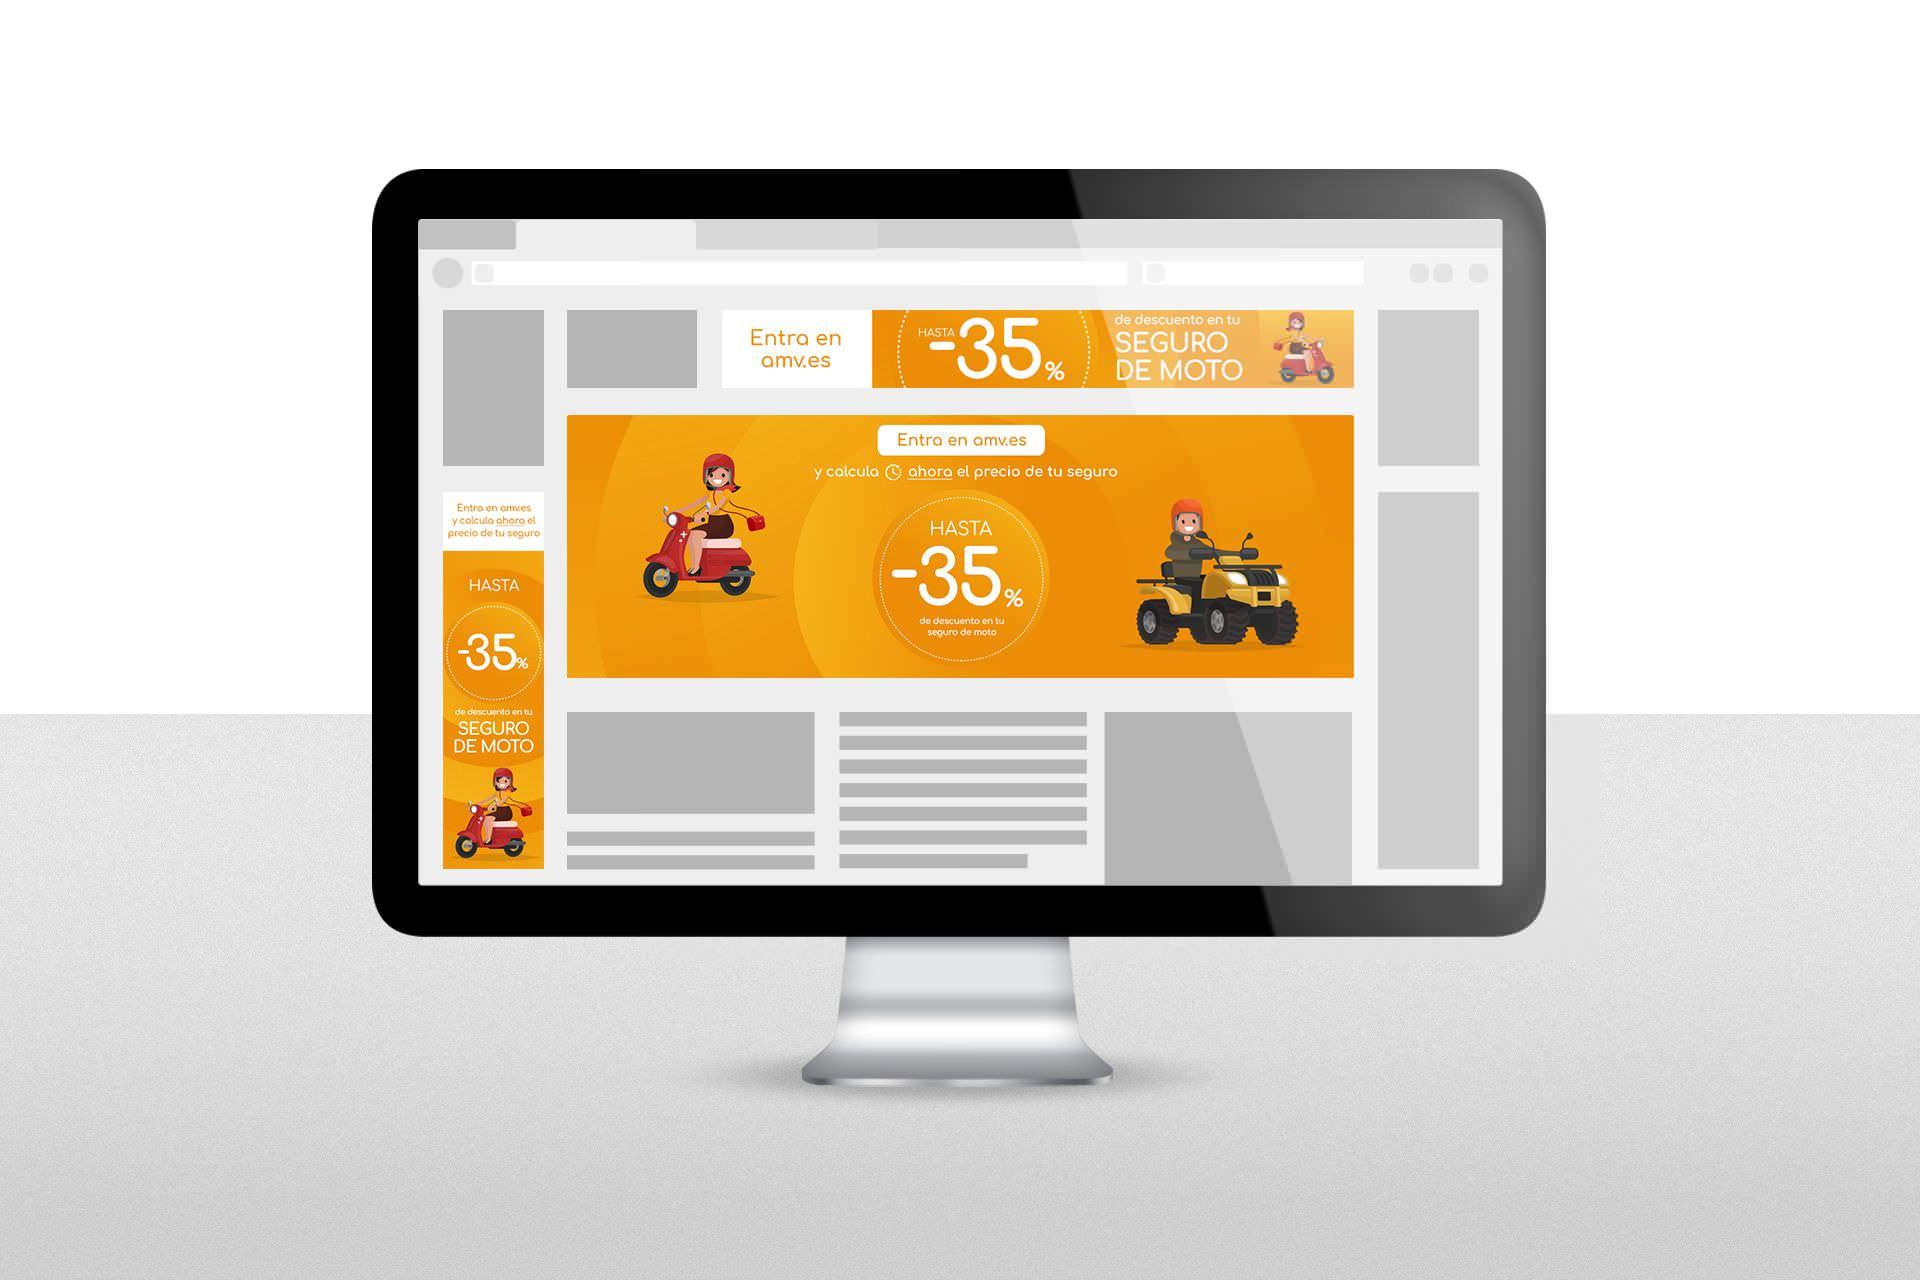 Diseño y maquetación de banners publicitarios, AMV